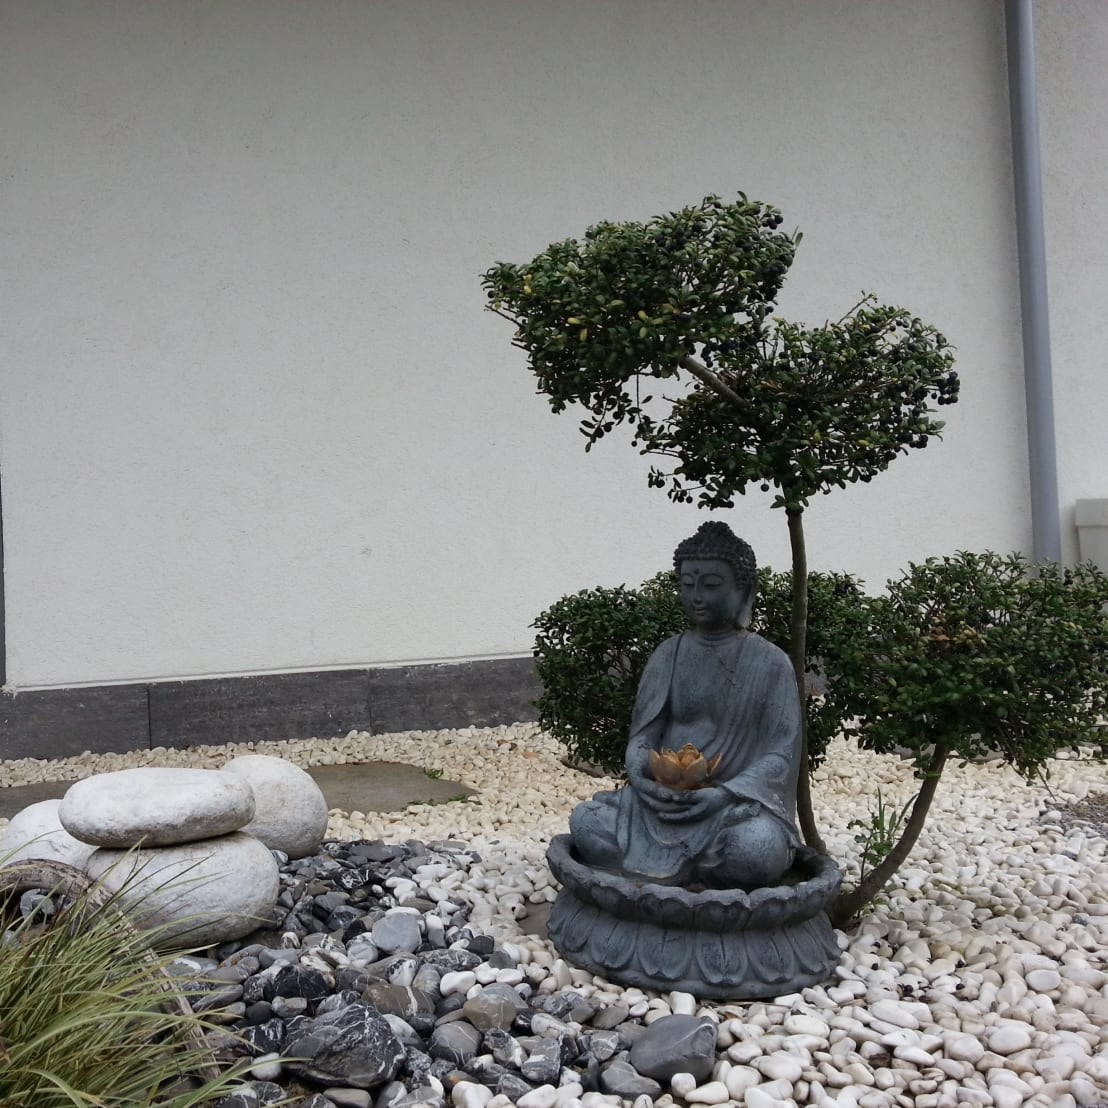 DIY a Zen mini courtyard in your room